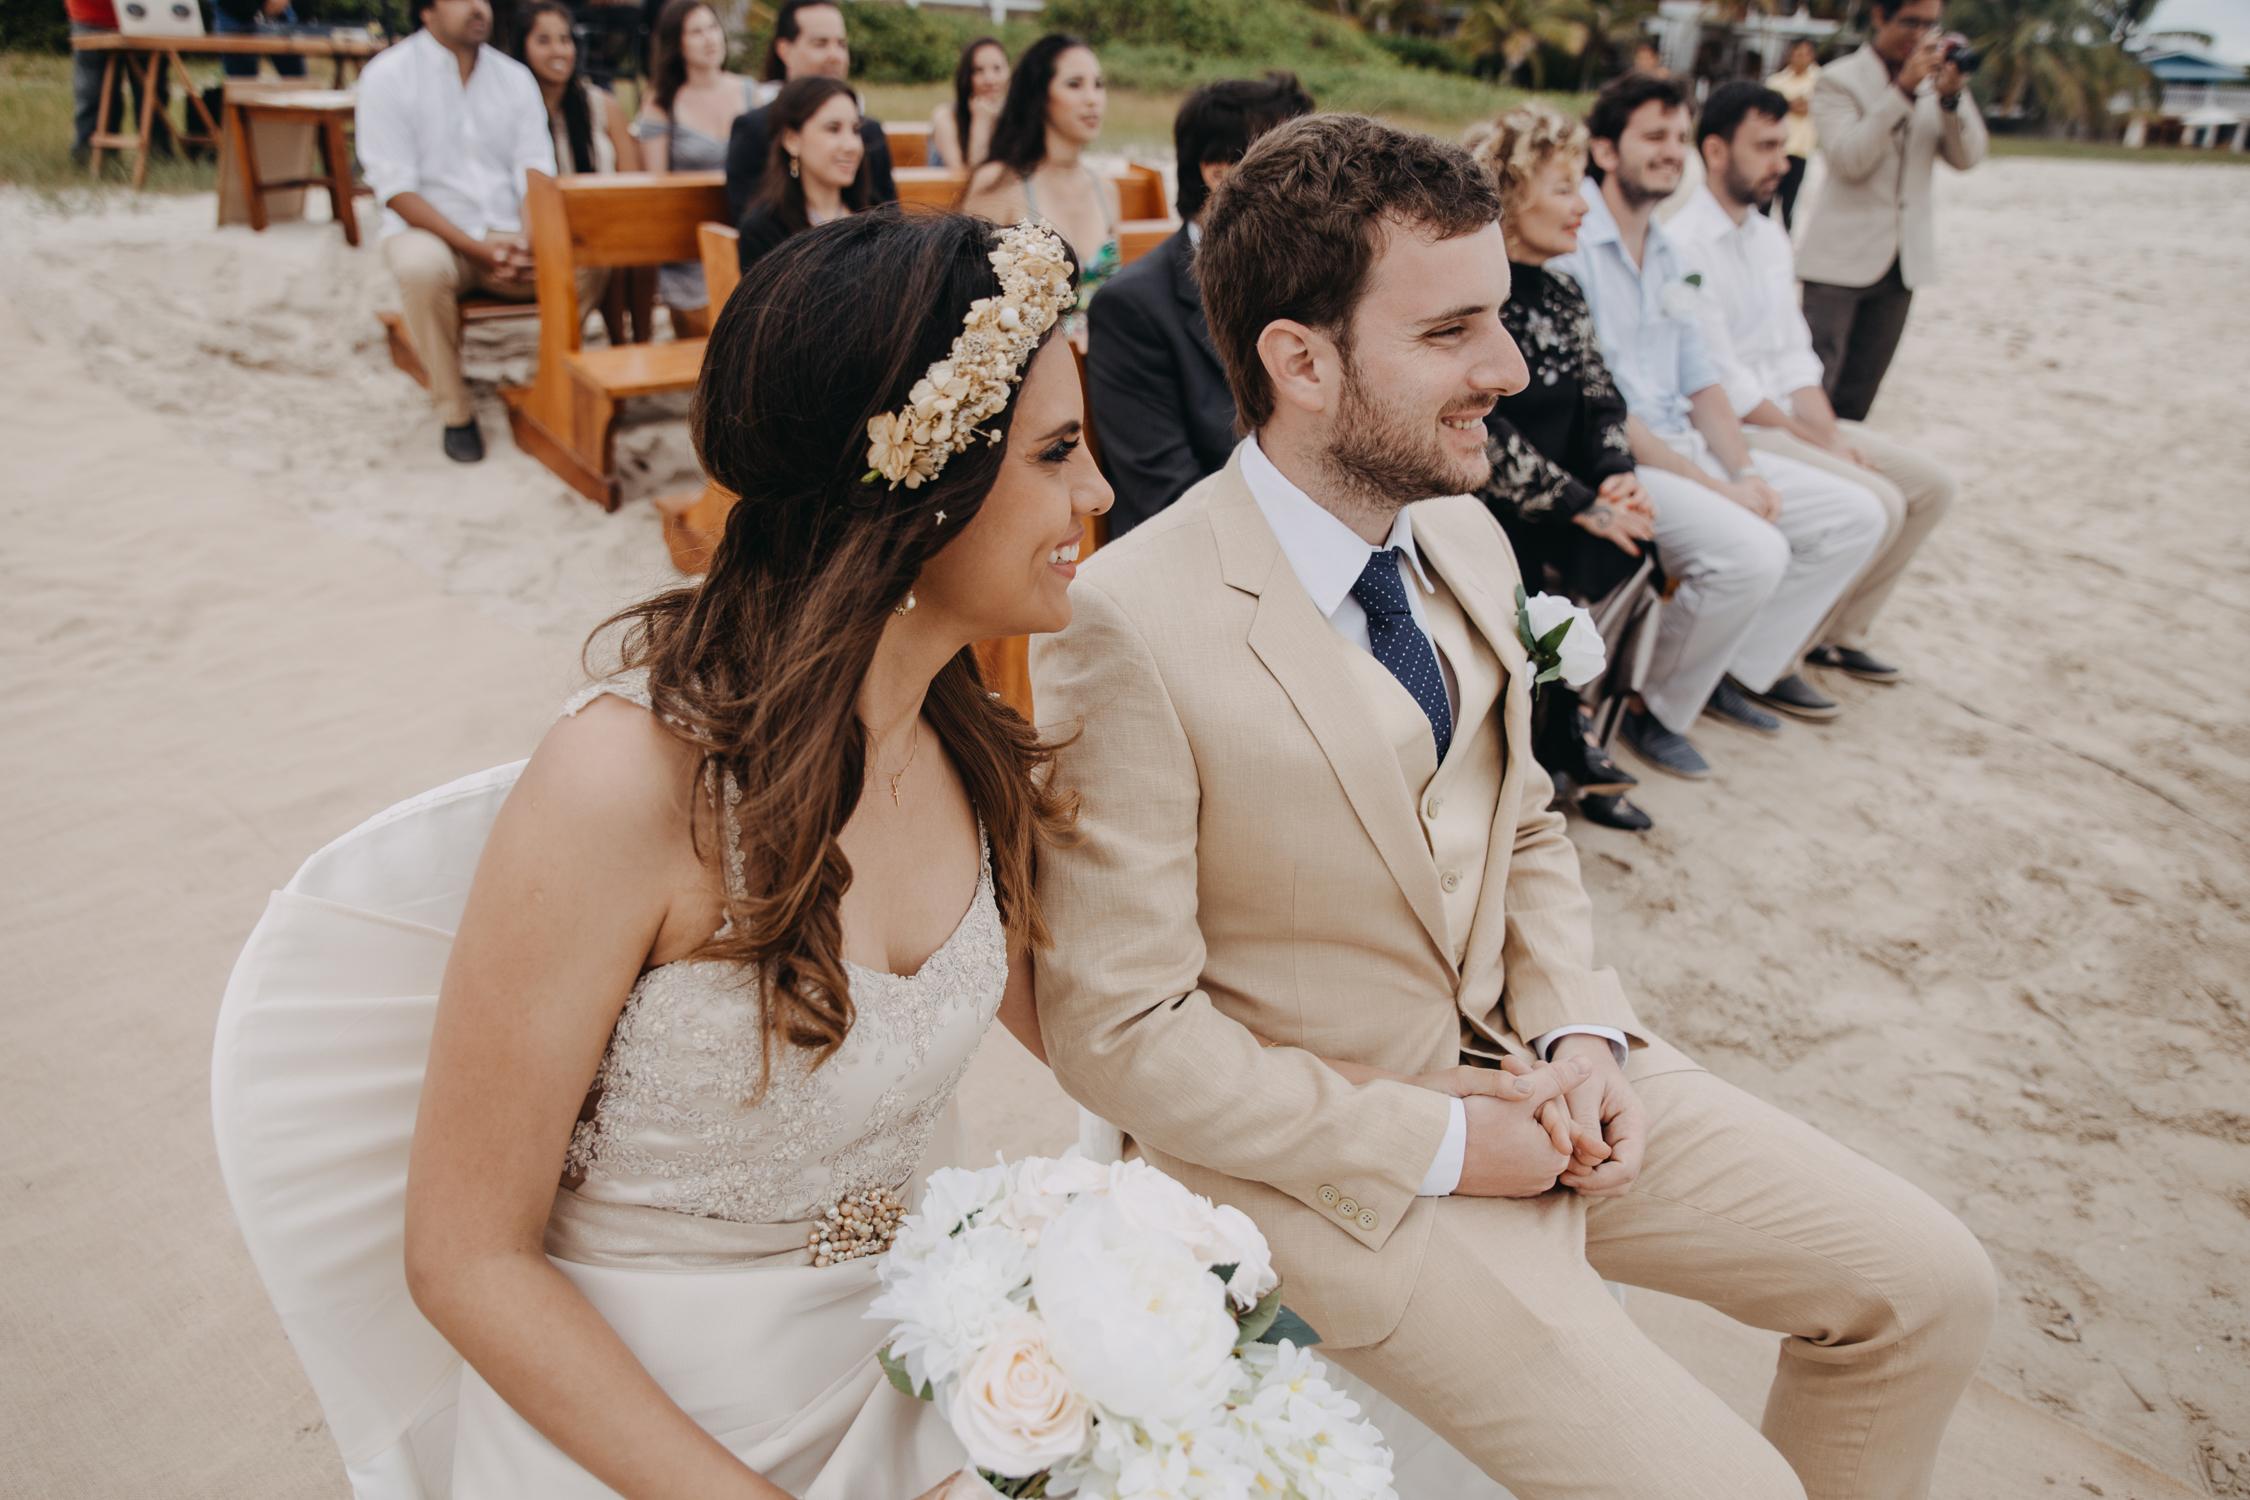 Michelle-Agurto-Fotografia-Bodas-Ecuador-Destination-Wedding-Photographer-Galapagos-Andrea-Joaquin-133.JPG